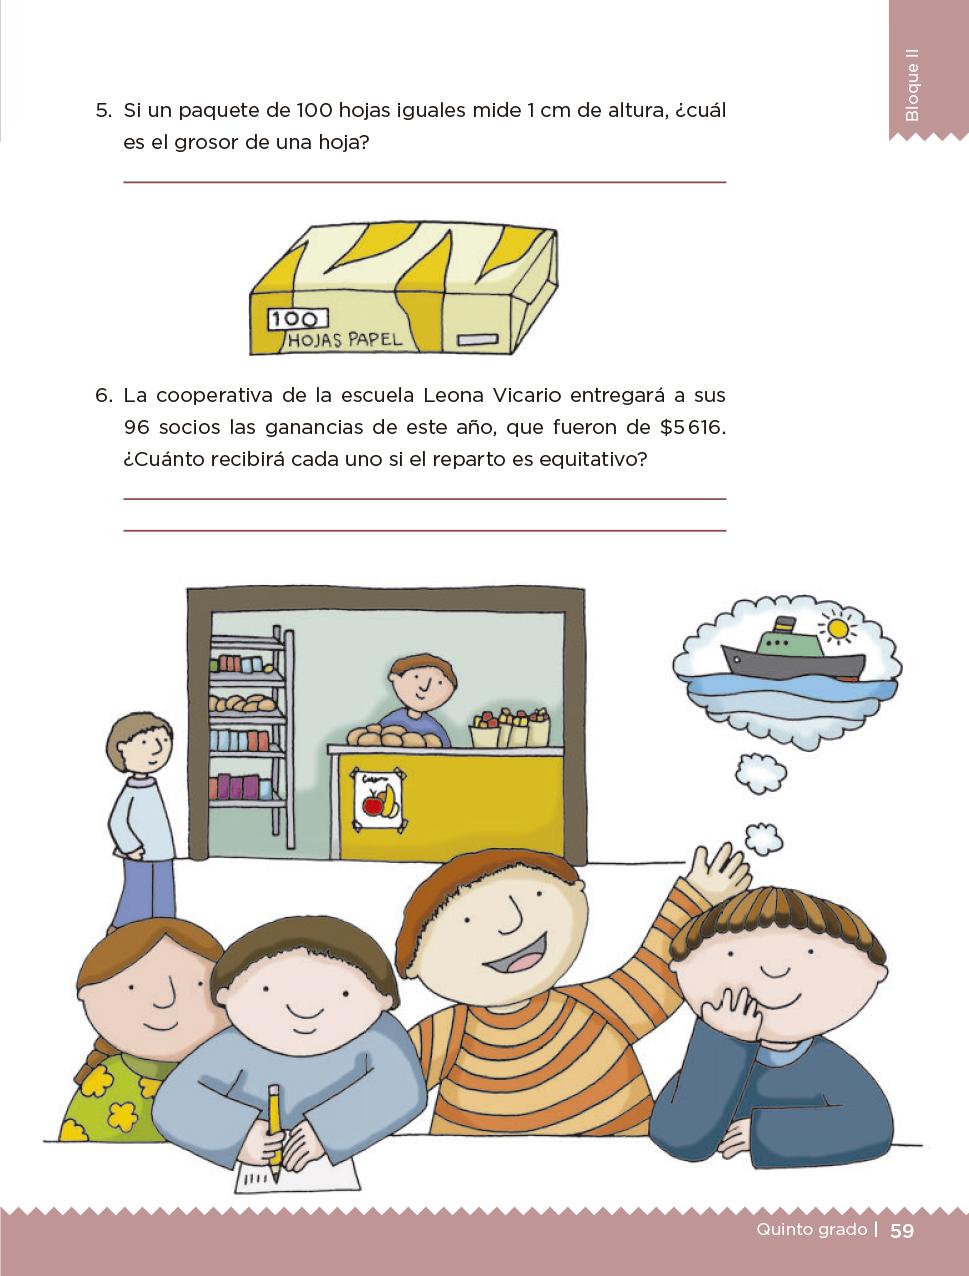 Desafíos Matemáticos Quinto grado 2017-2018 - Ciclo Escolar - Centro ...